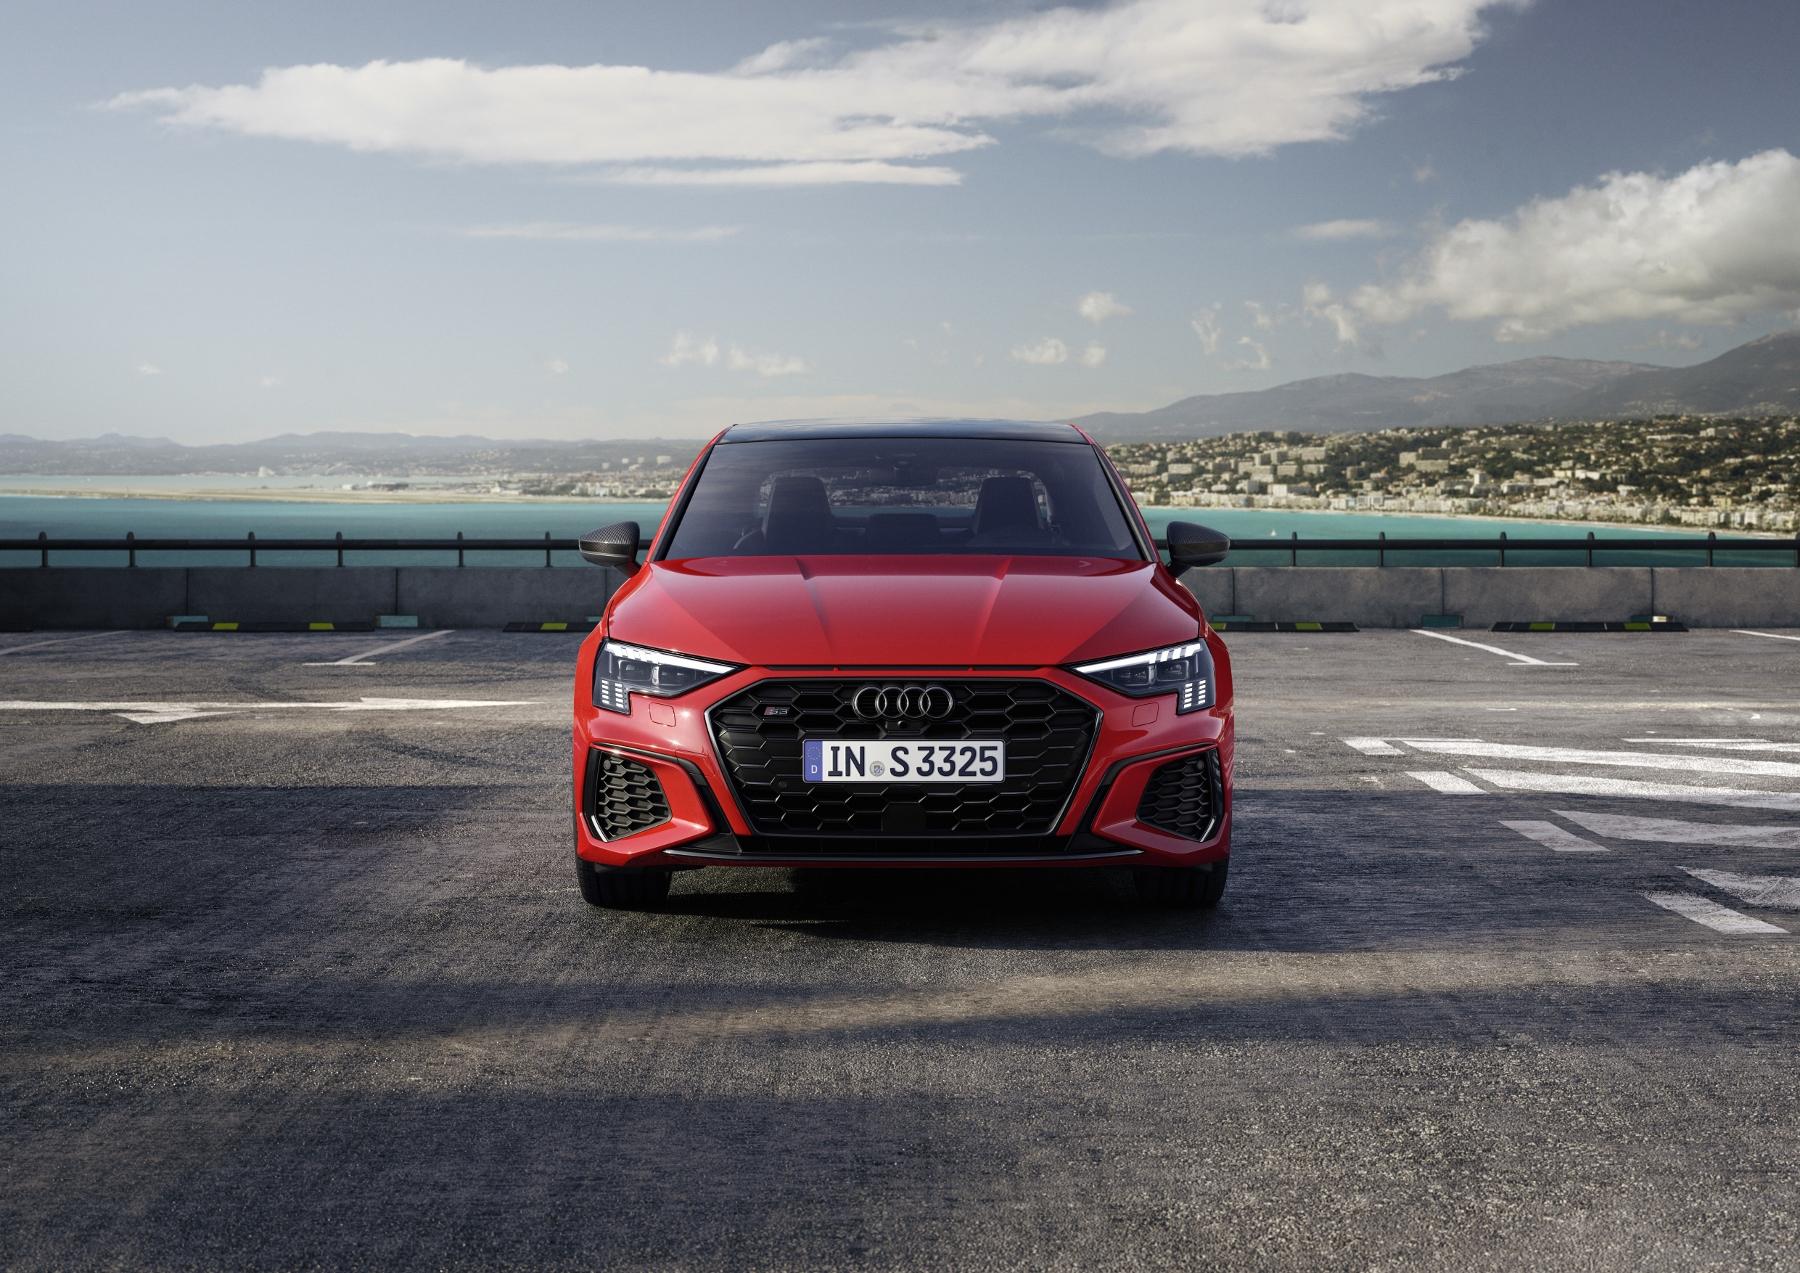 Audi ukázalo modely S3 Sedan a Sportback. Prezradilo aj nemeckú cenu PtLg8GXA4k a204364large-1800x12